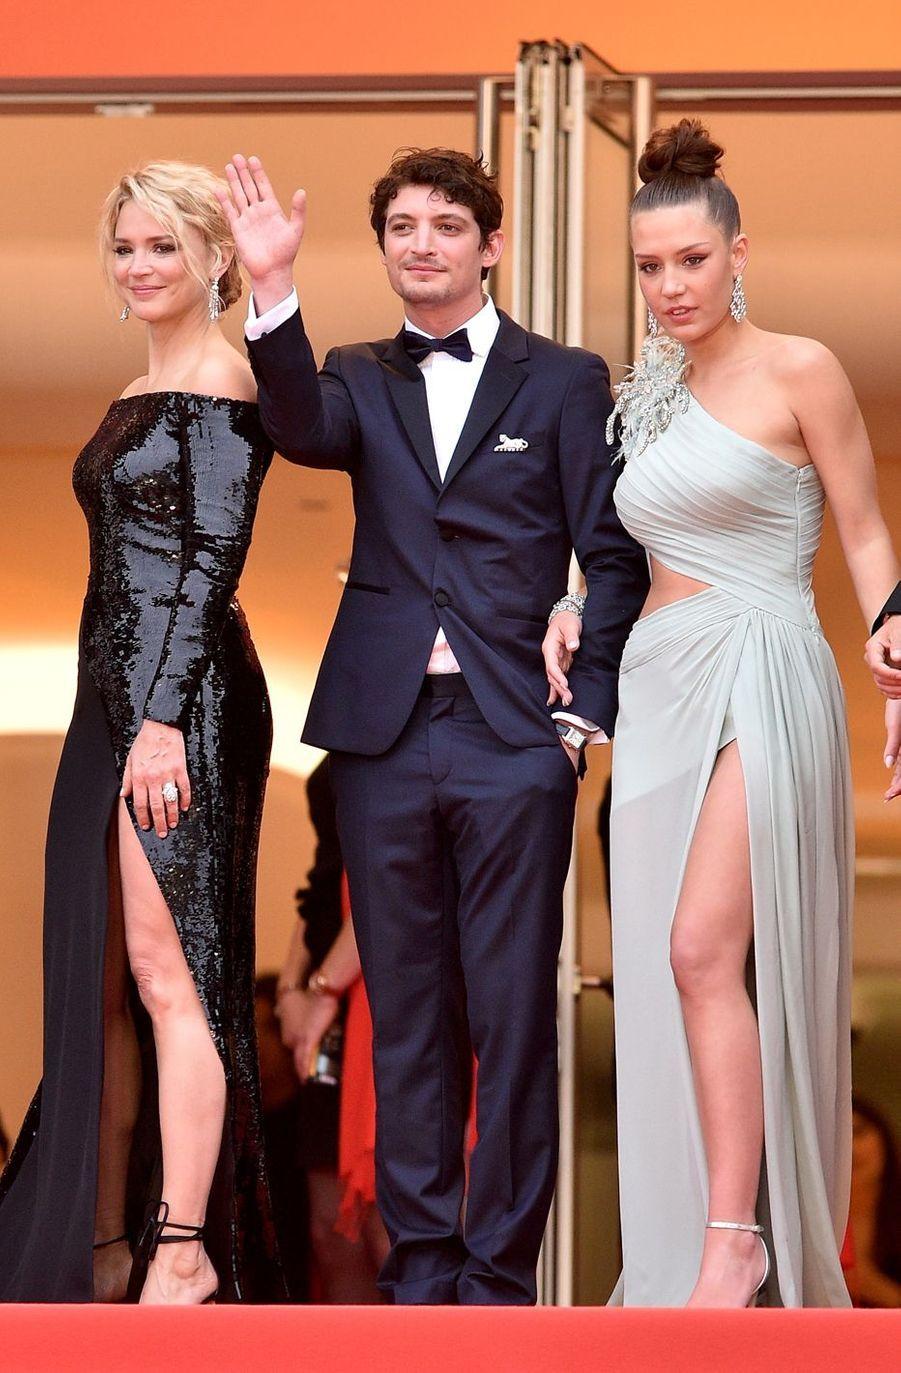 Virginie Efira, Niels Schneider etAdèle Exarchopoulos à Cannes, le 24 ami 2019